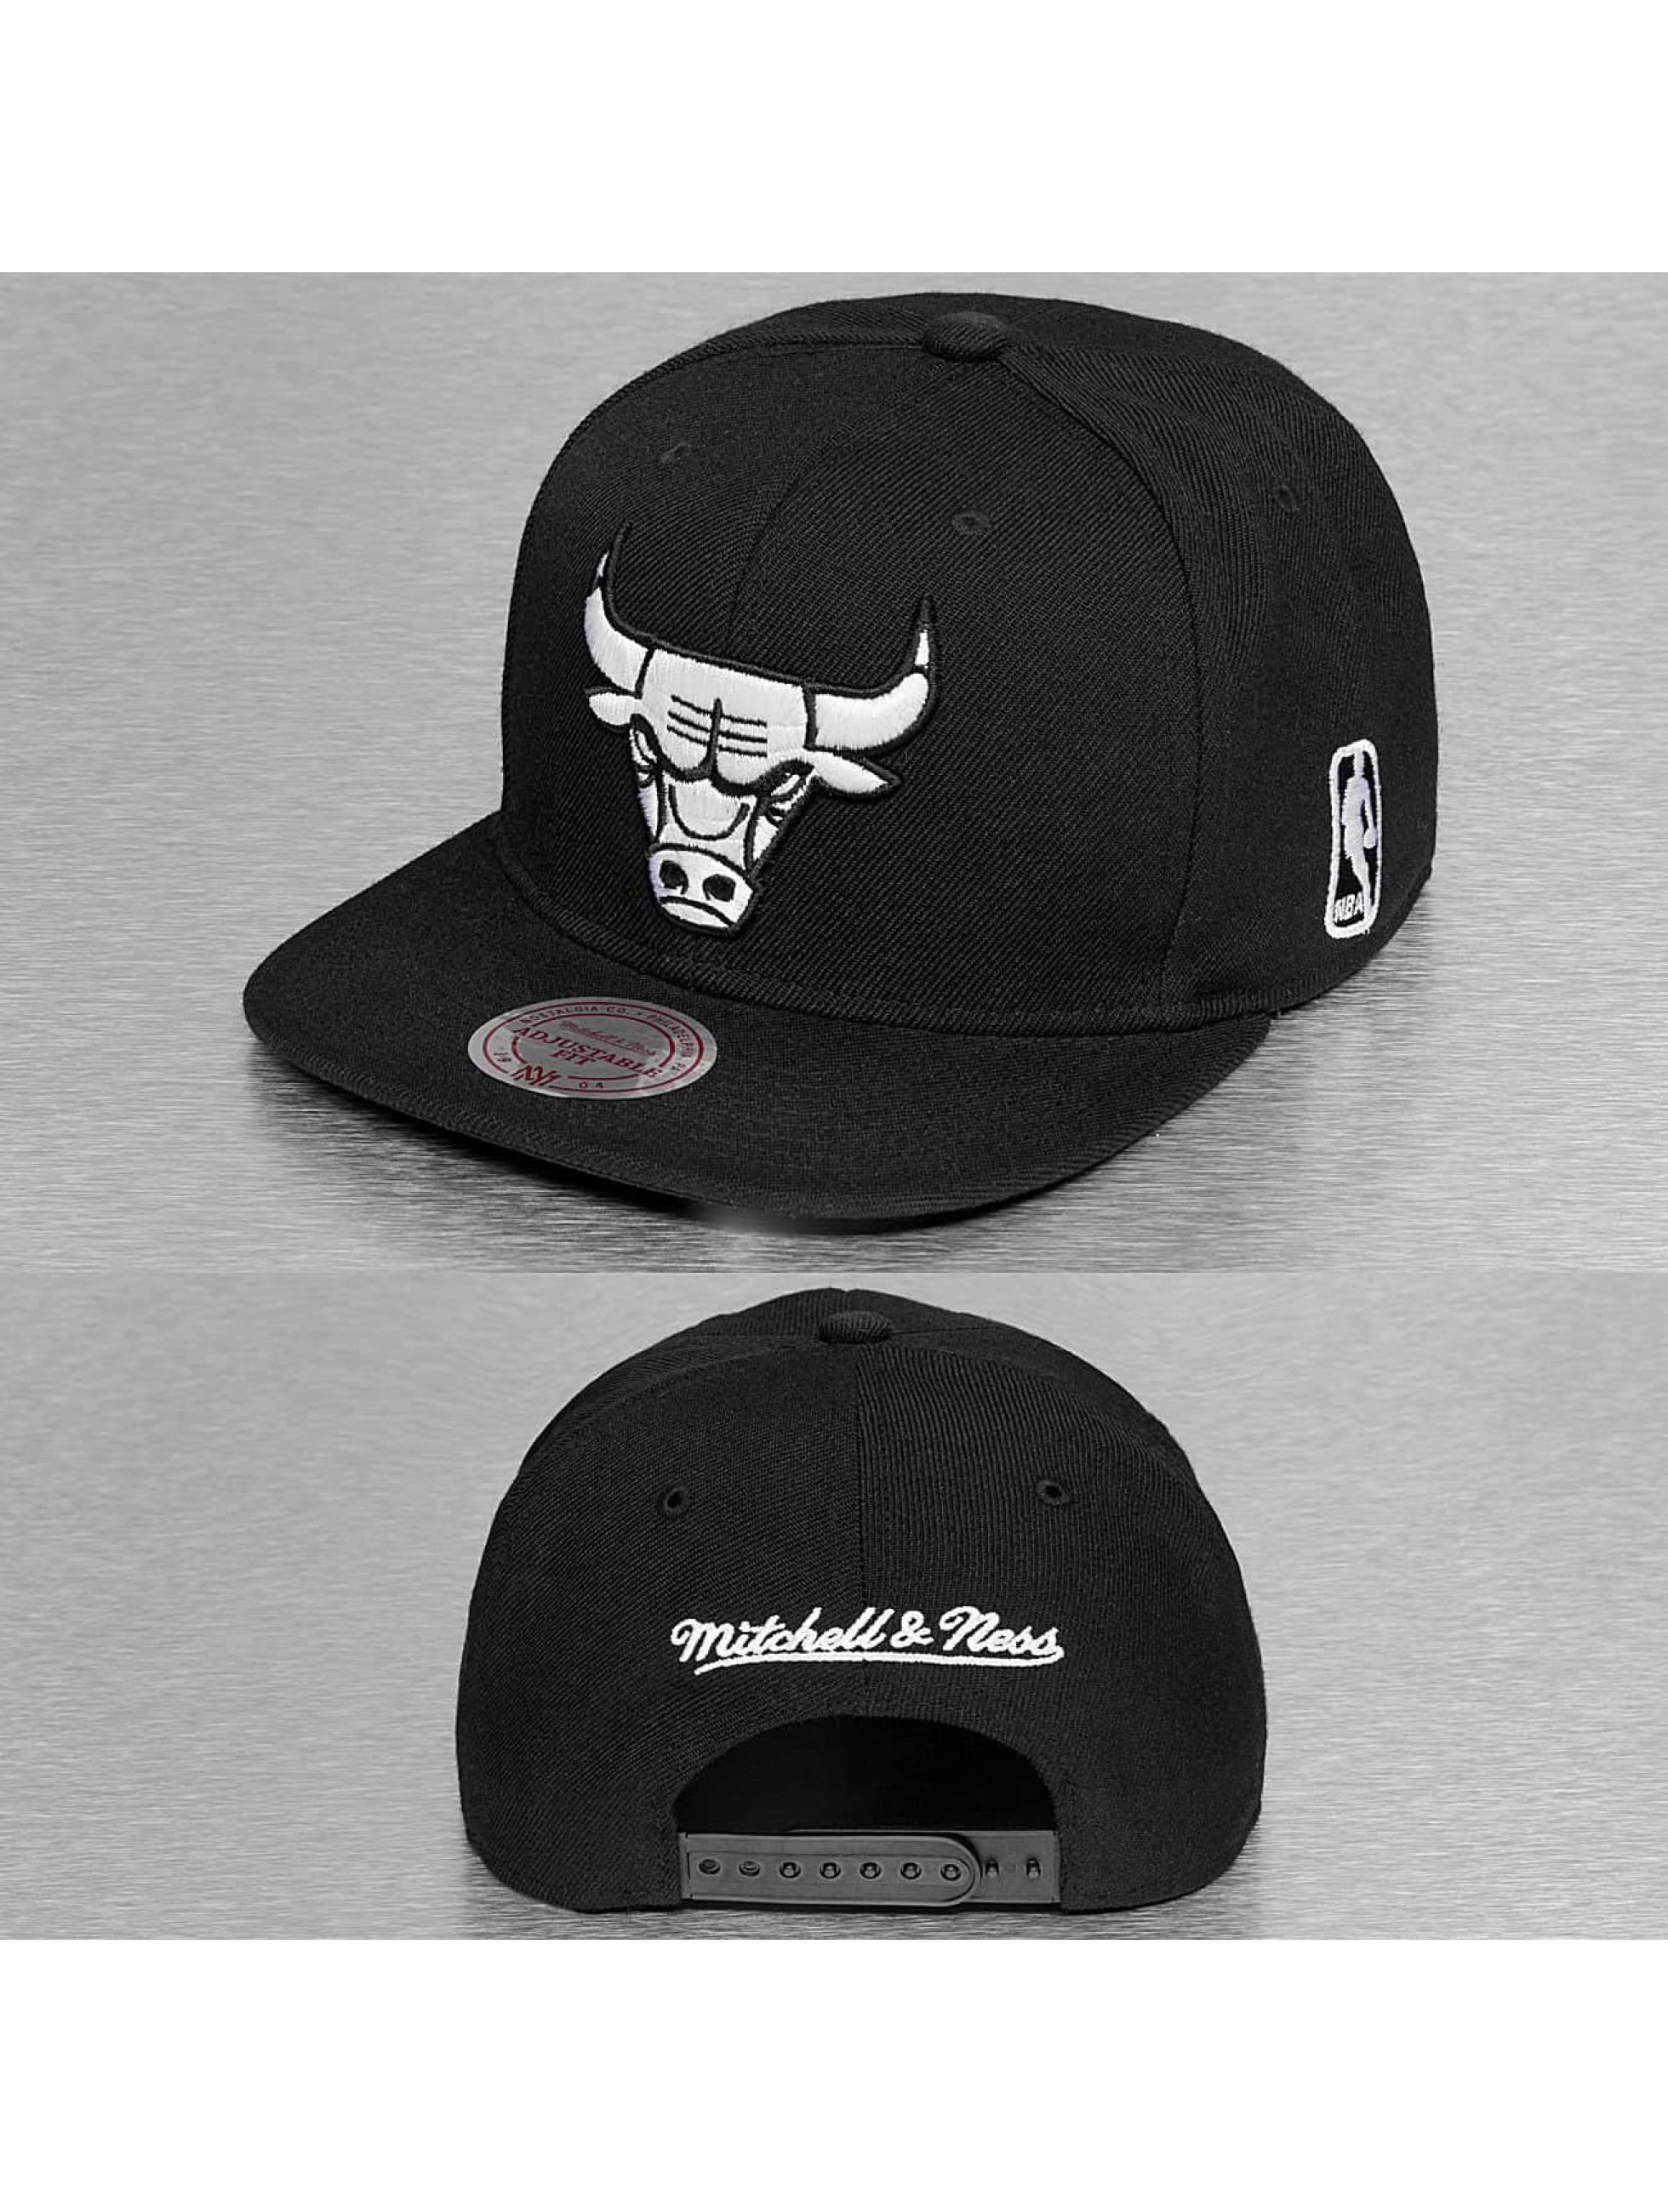 Mitchell & Ness Männer,Frauen Snapback Cap Black & White Chicago Bulls in schwarz